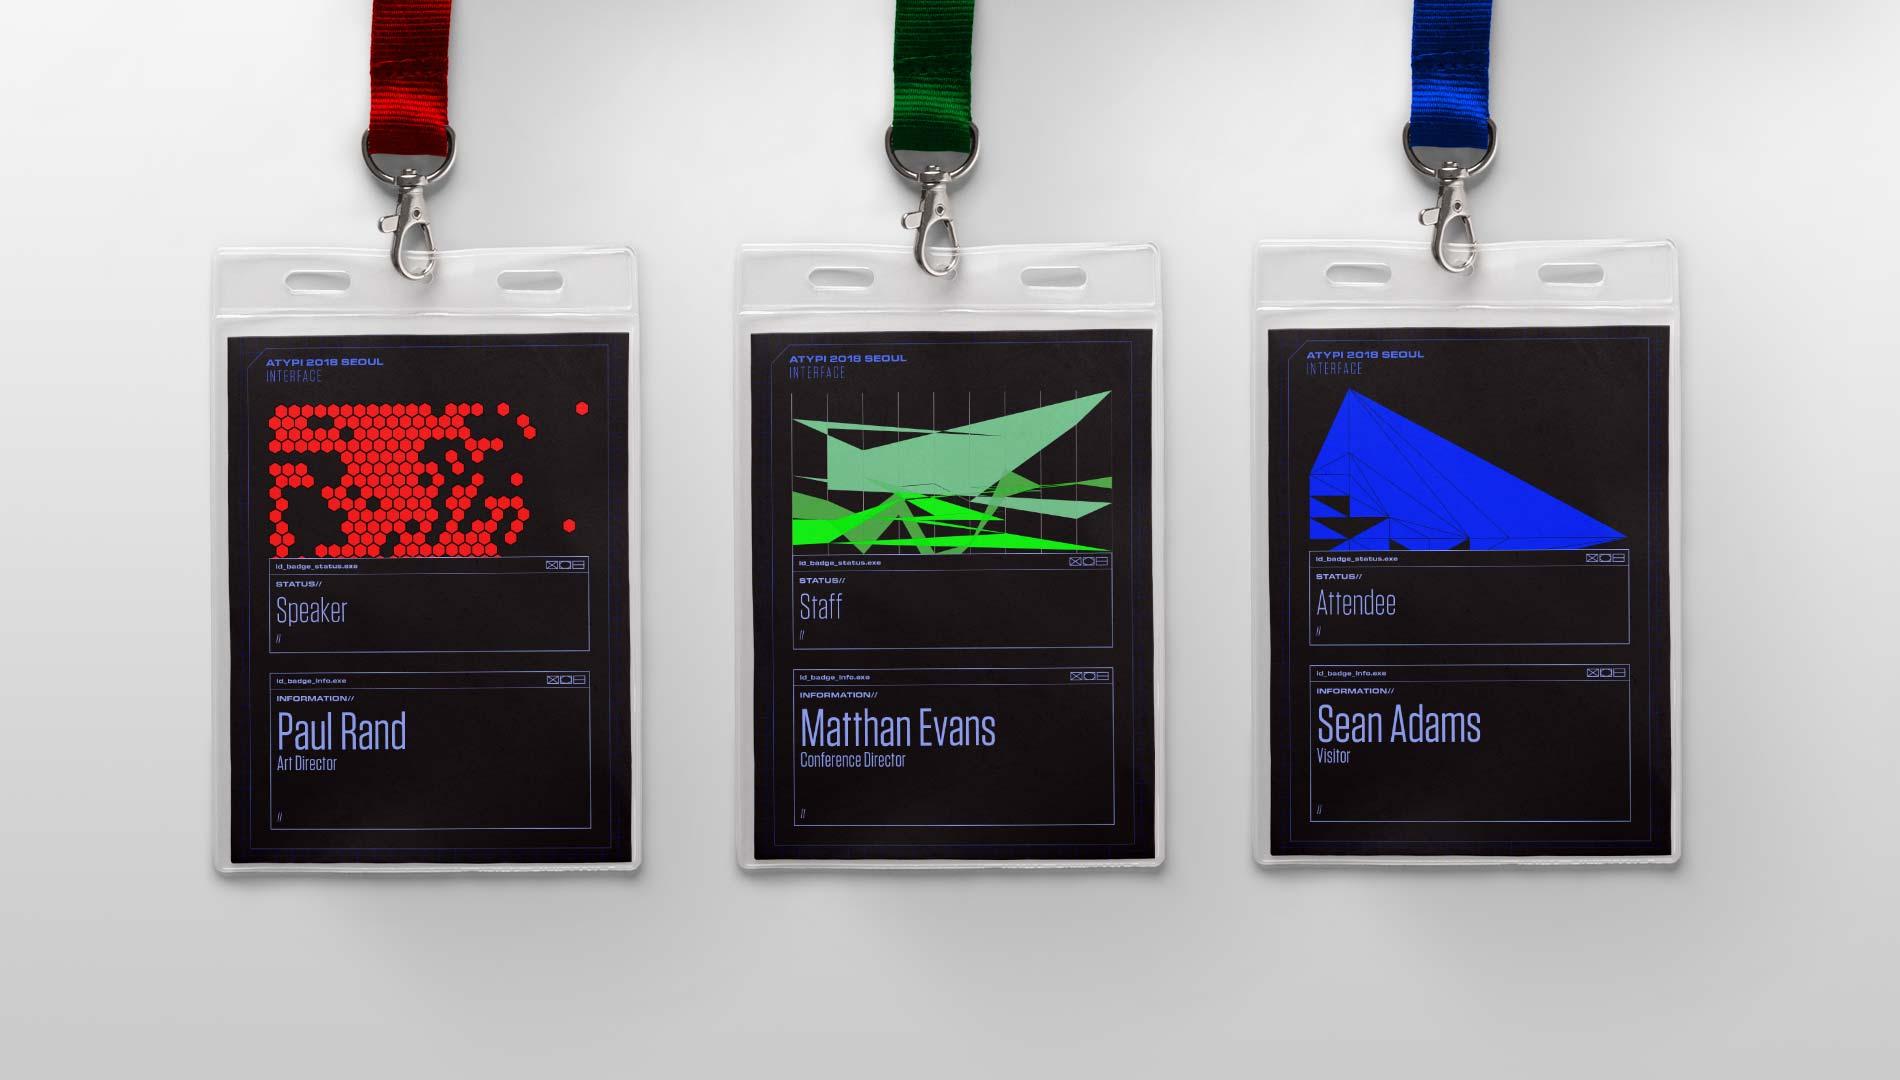 matthan_evans_badges_1